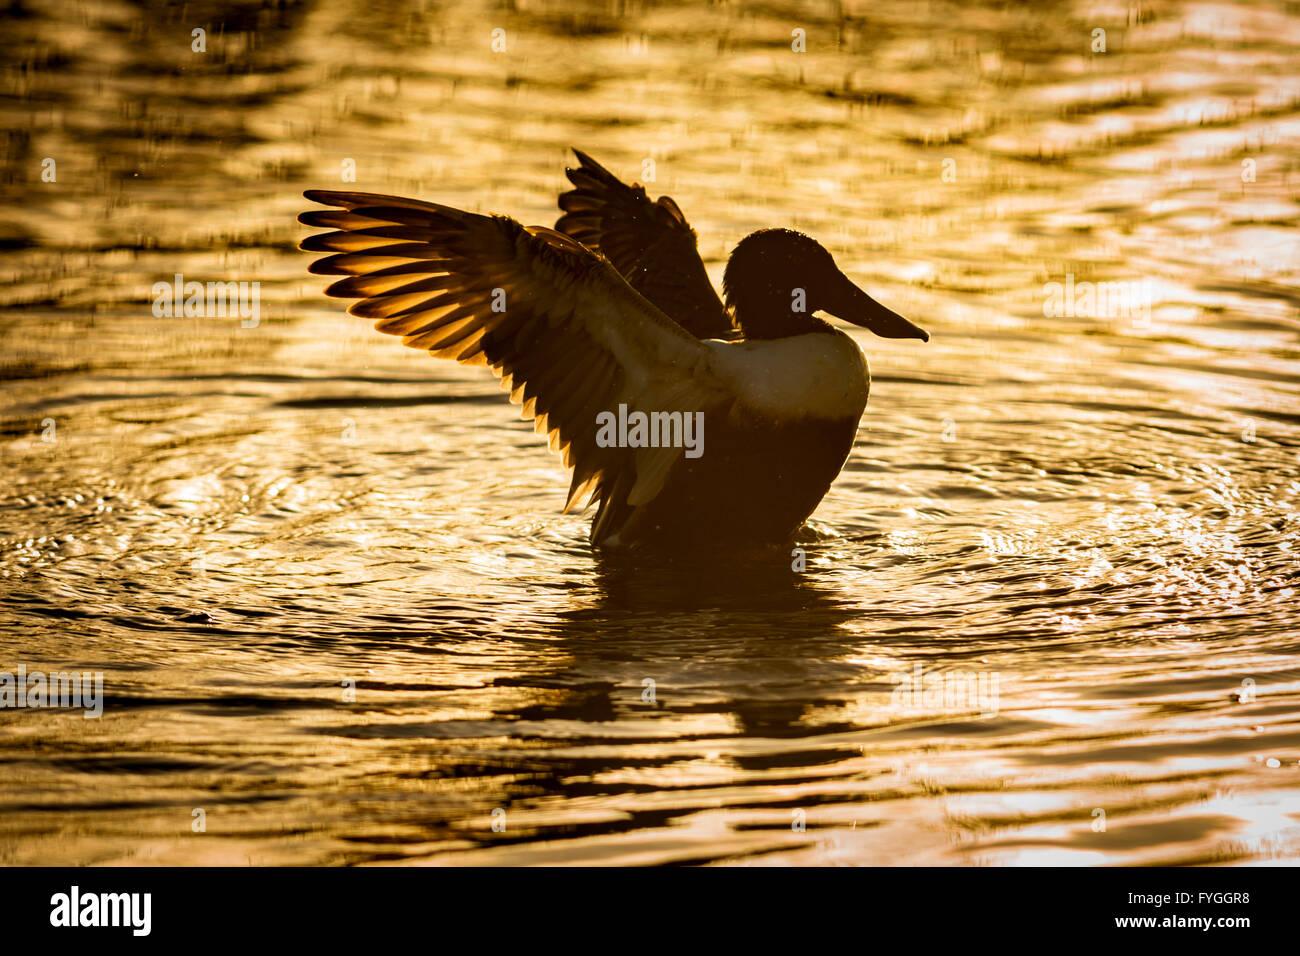 Un pato Cuchareta, estirar sus alas, en la luz dorada del sol Imagen De Stock